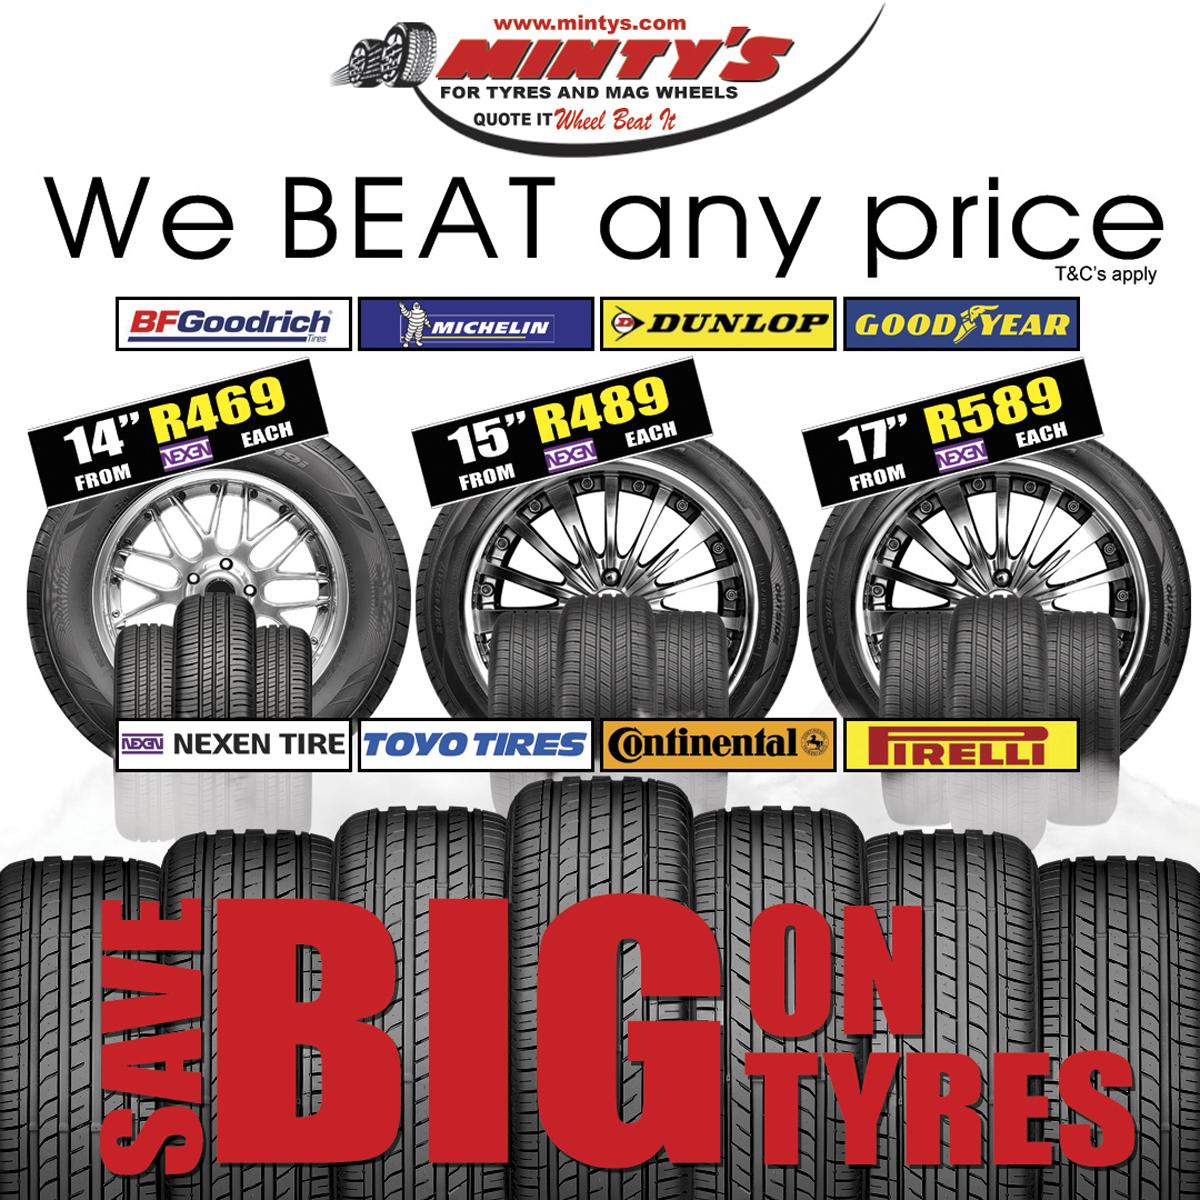 We Beat Any Price T's & C's Apply